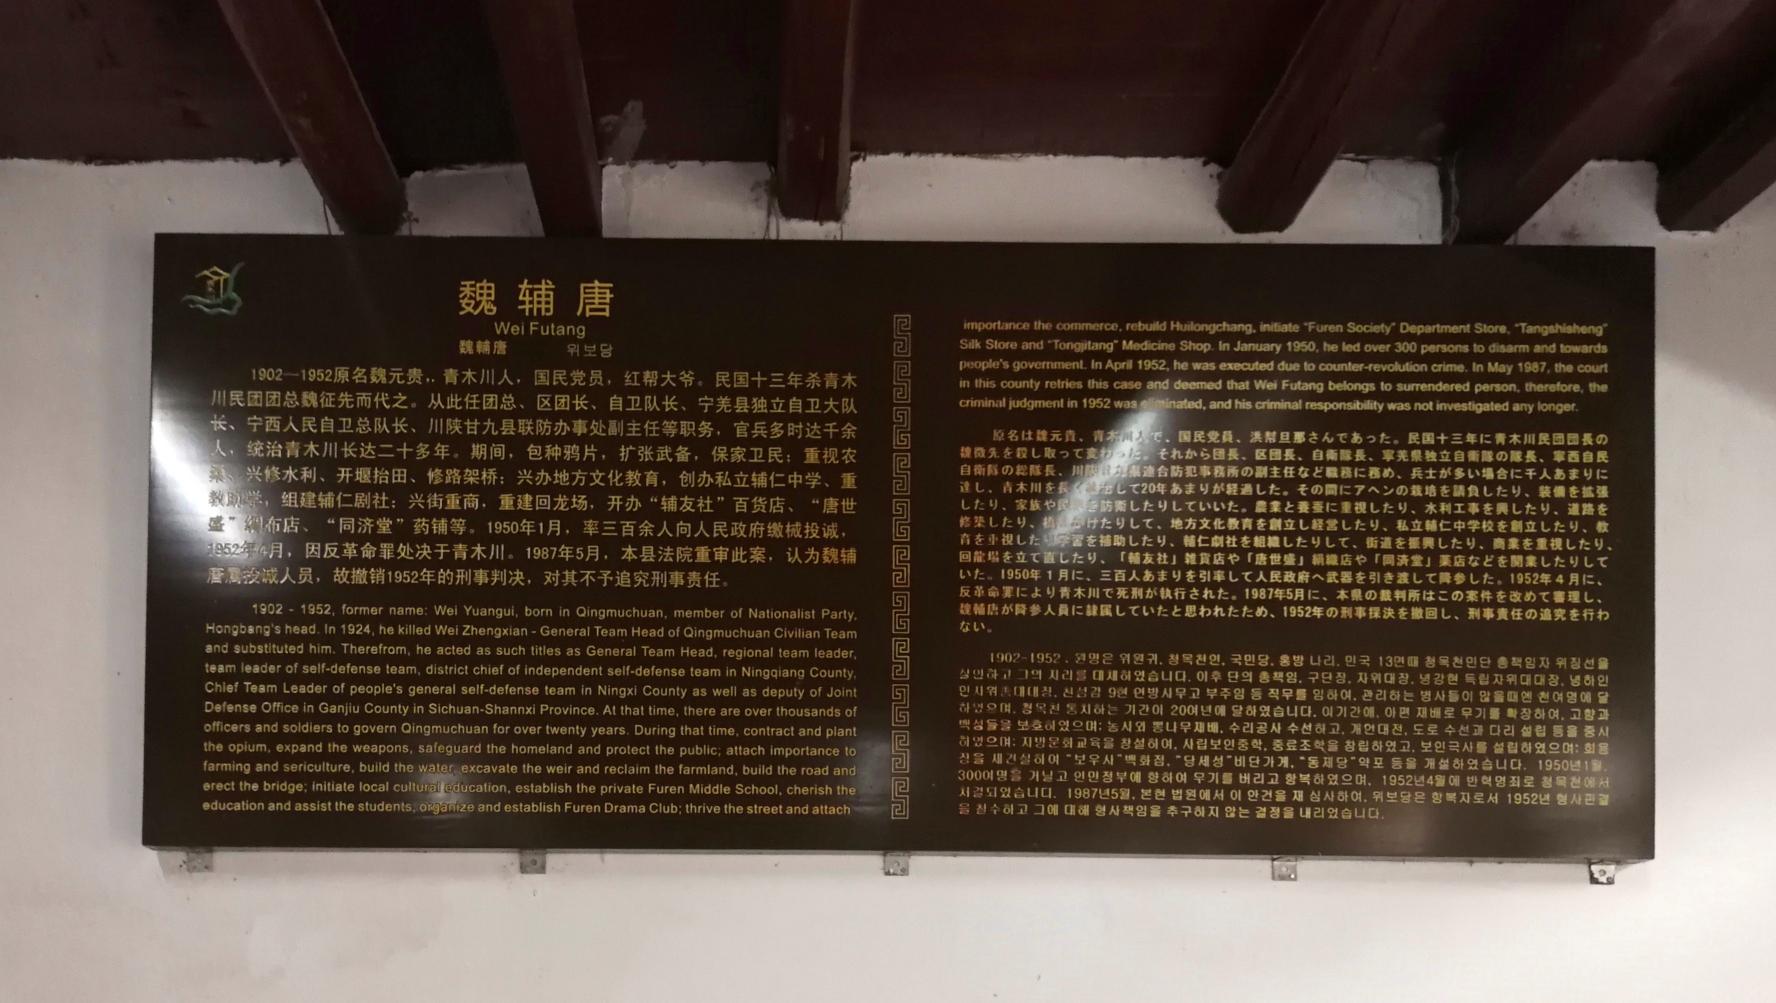 青木川故事:游走在正邪边缘的一代枭雄